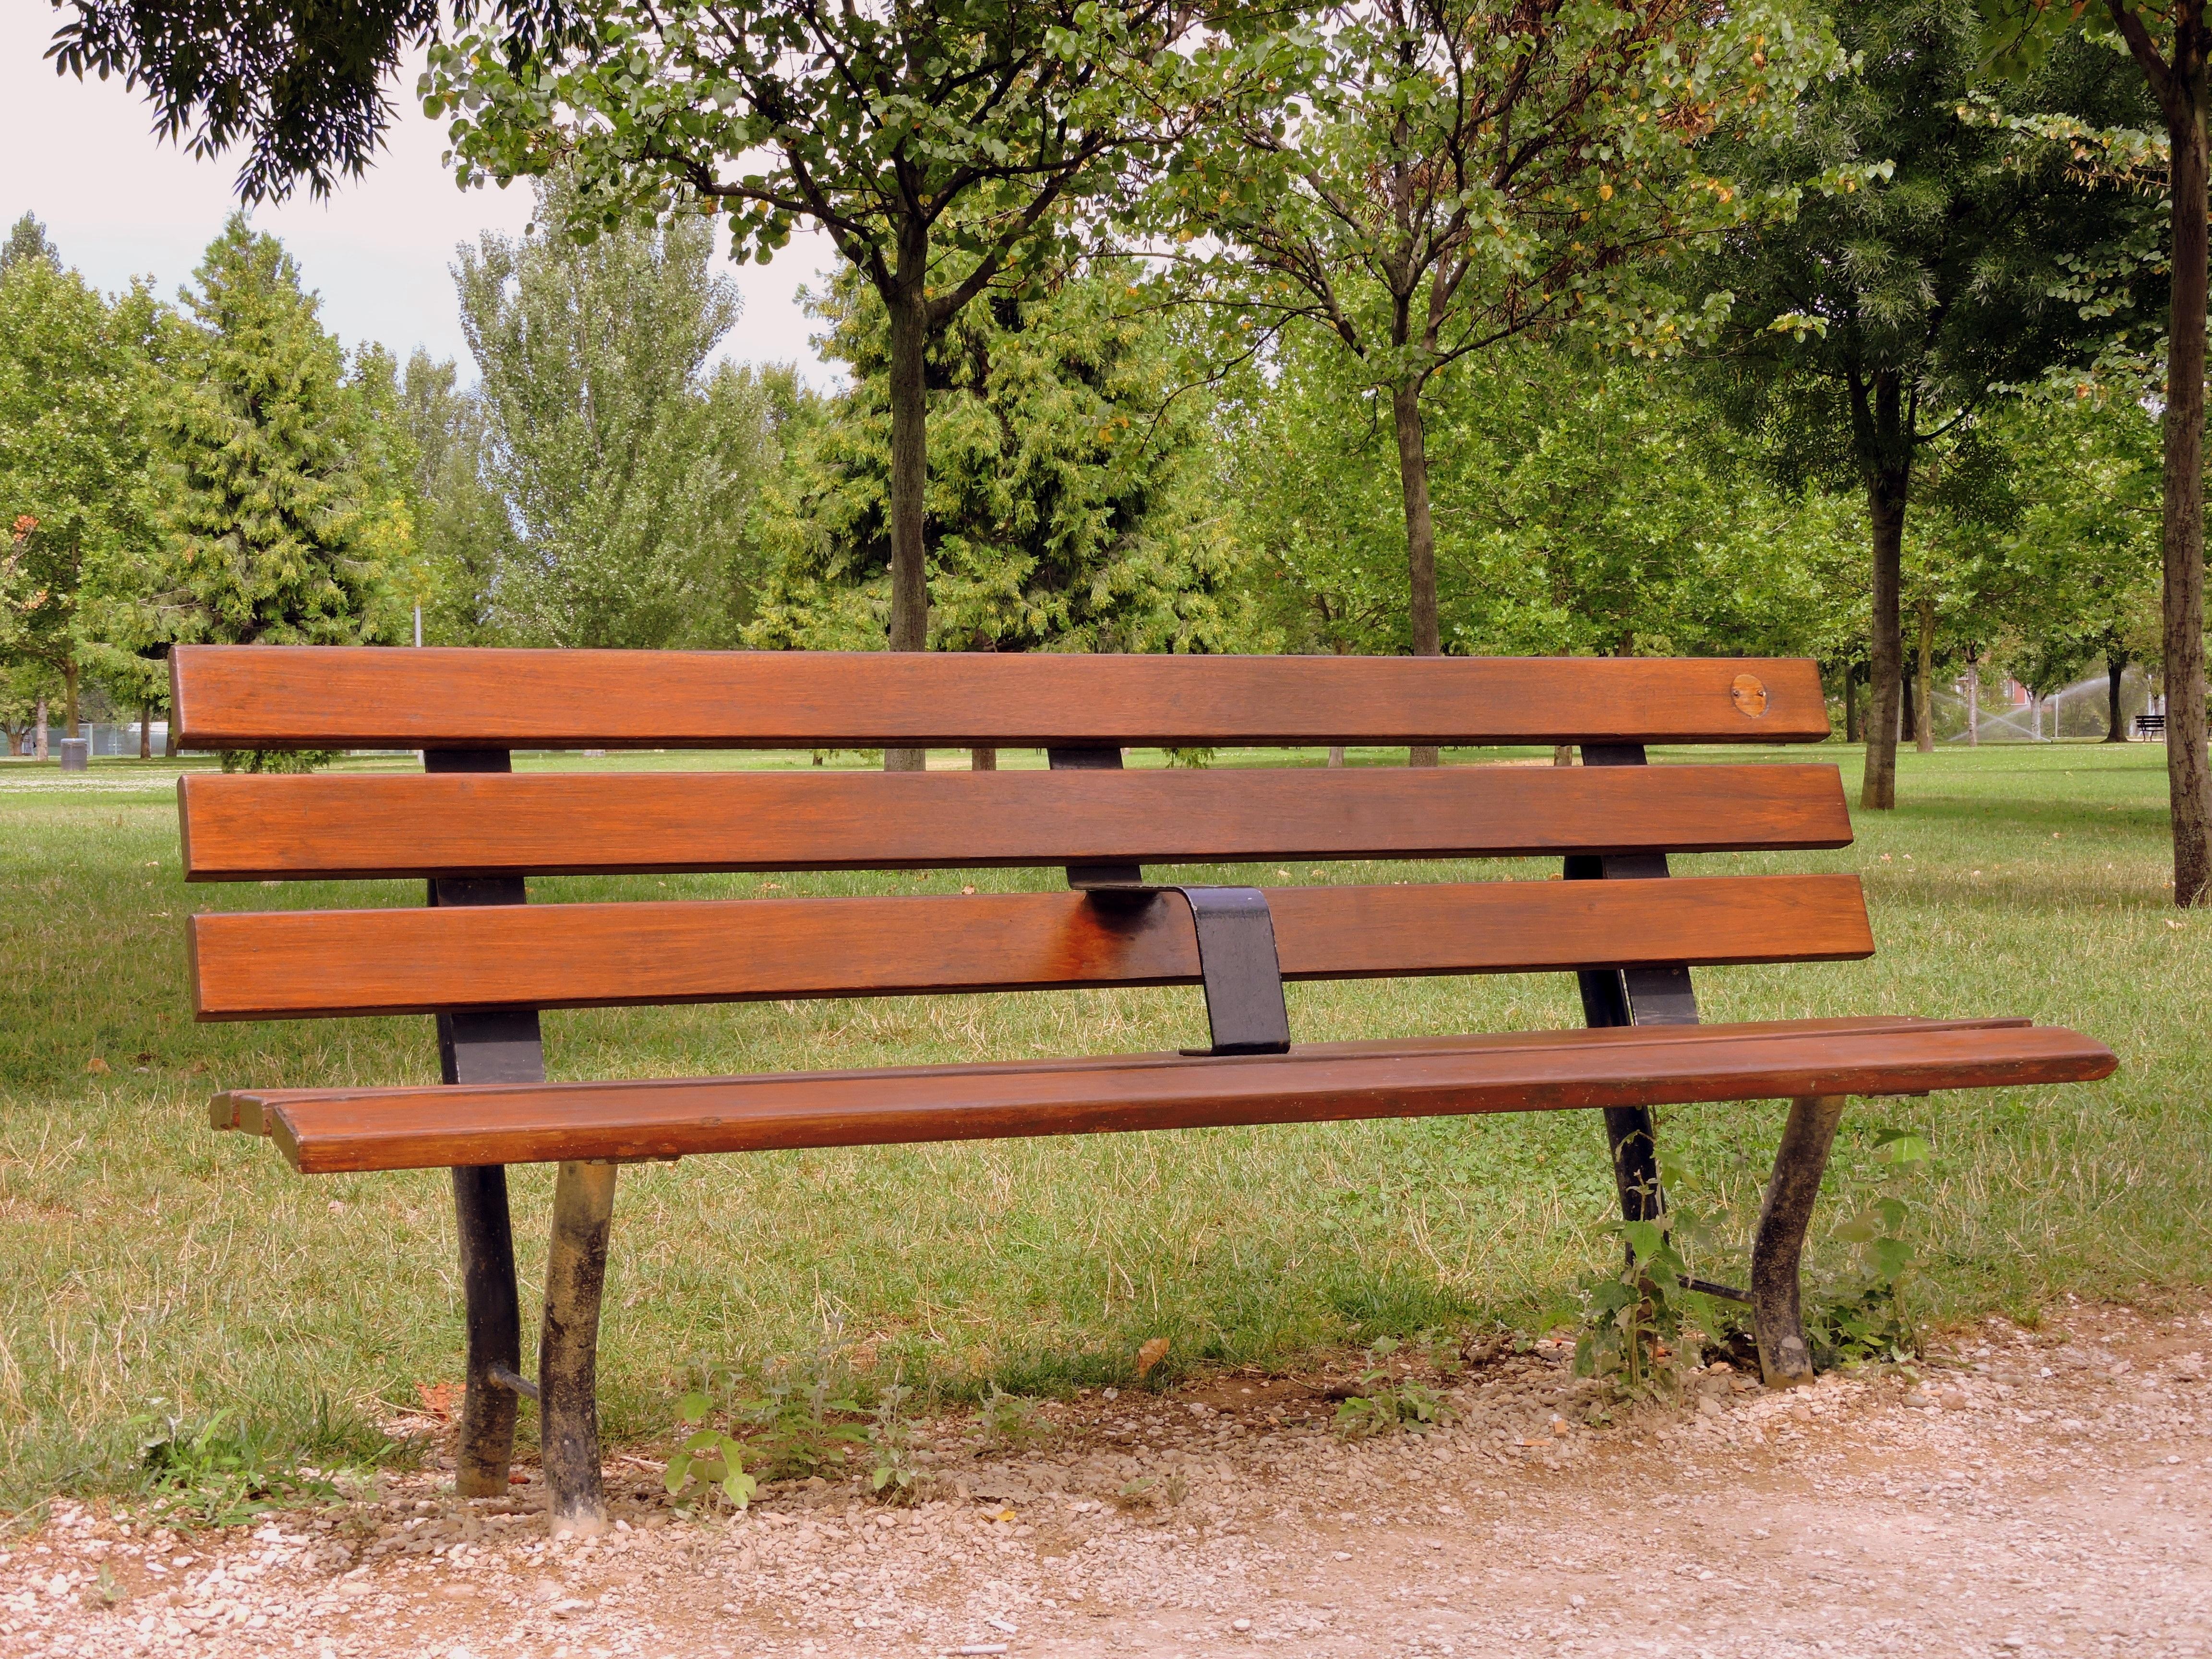 Fotos gratis : mesa, madera, banco, soledad, verde, parque, jardín ...